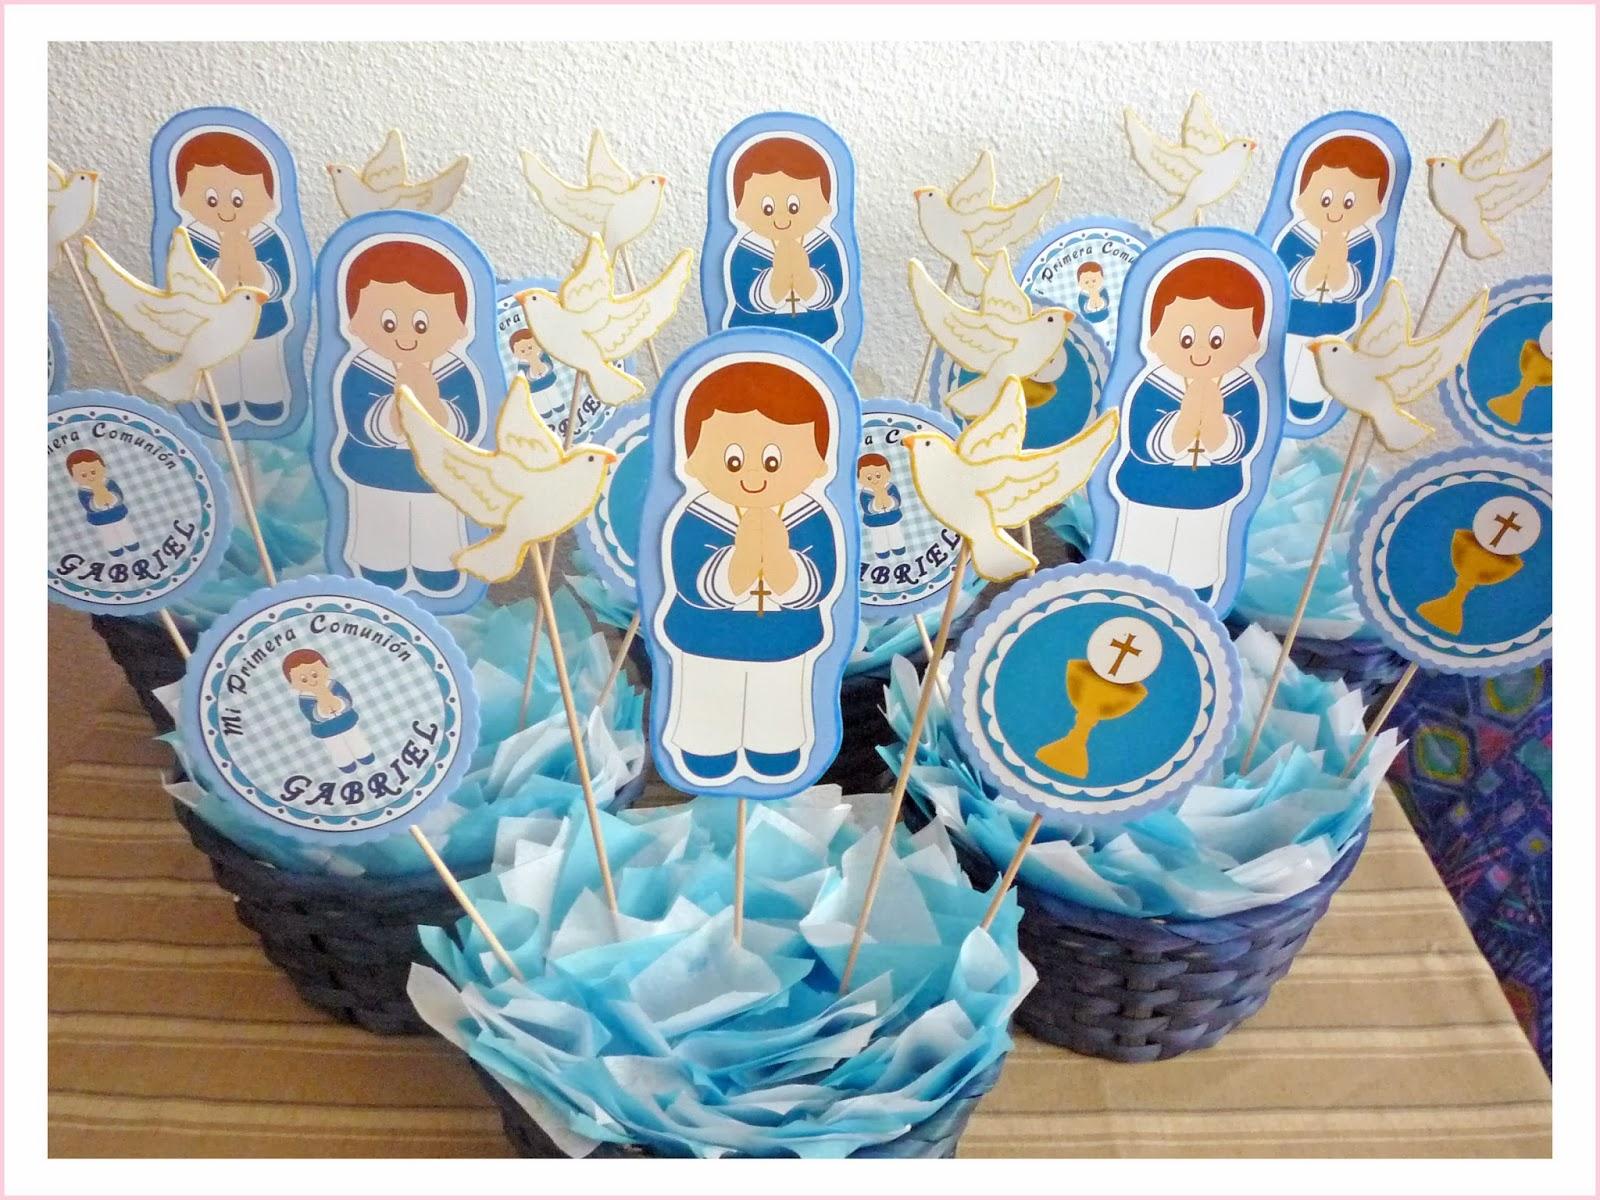 Baby nina fiestas noviembre 2013 for Mesa de chuches bautizo